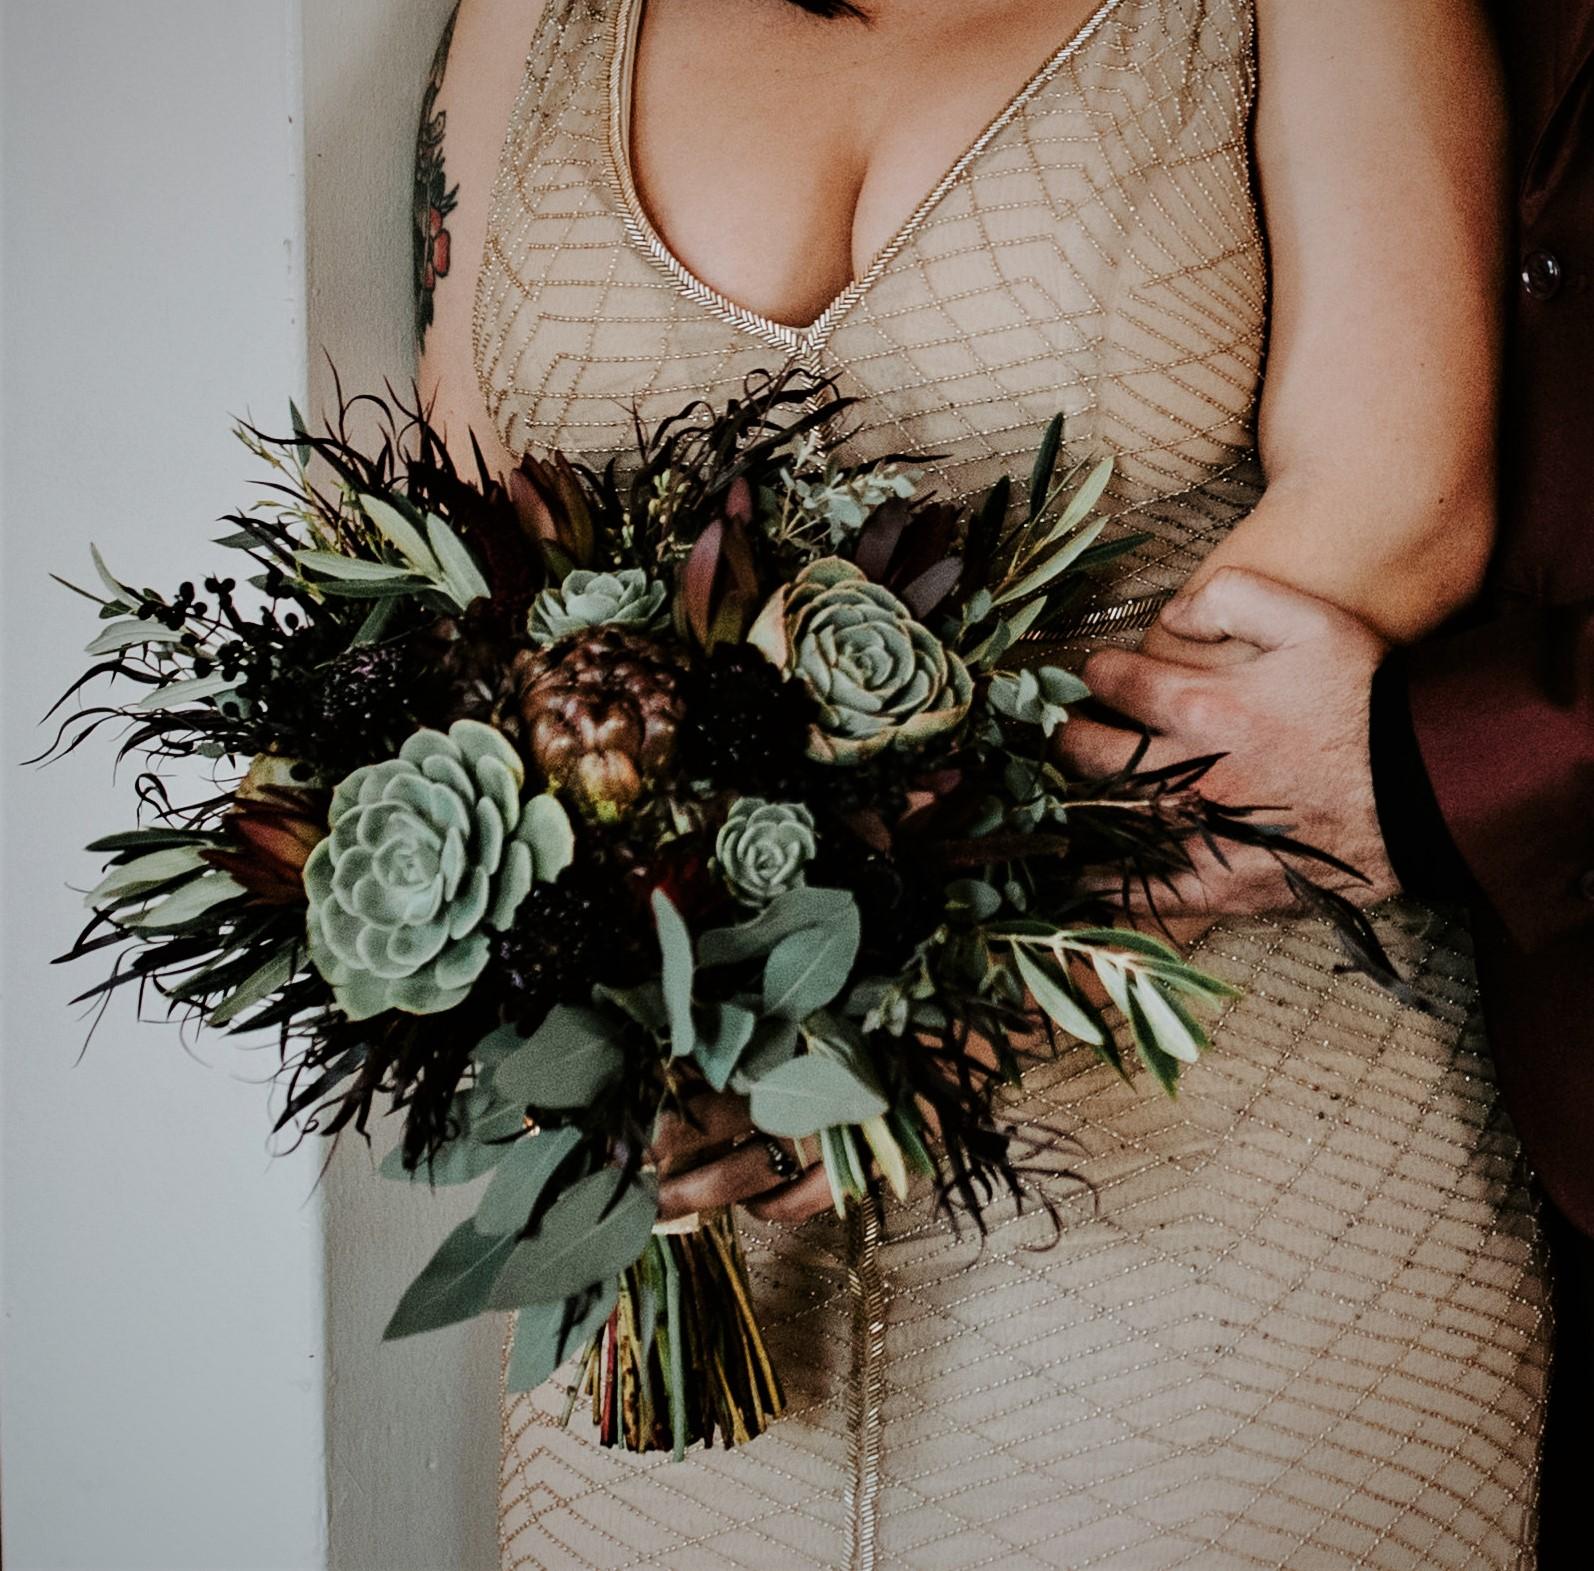 Maddoxwedding2019-lizztinphotography-209 Bouquet.jpg